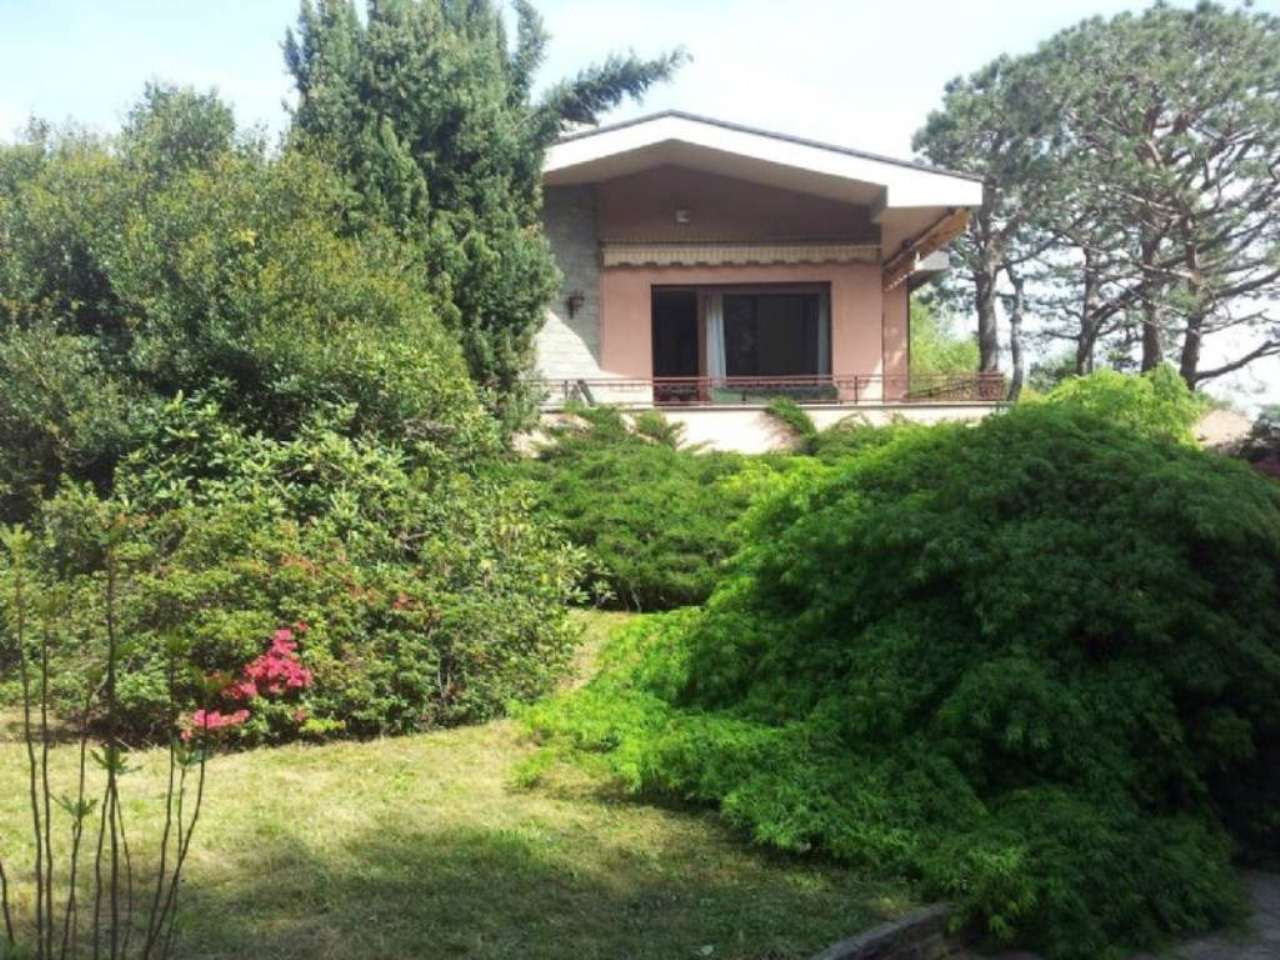 Villa in vendita a Carnago, 8 locali, prezzo € 400.000 | Cambio Casa.it